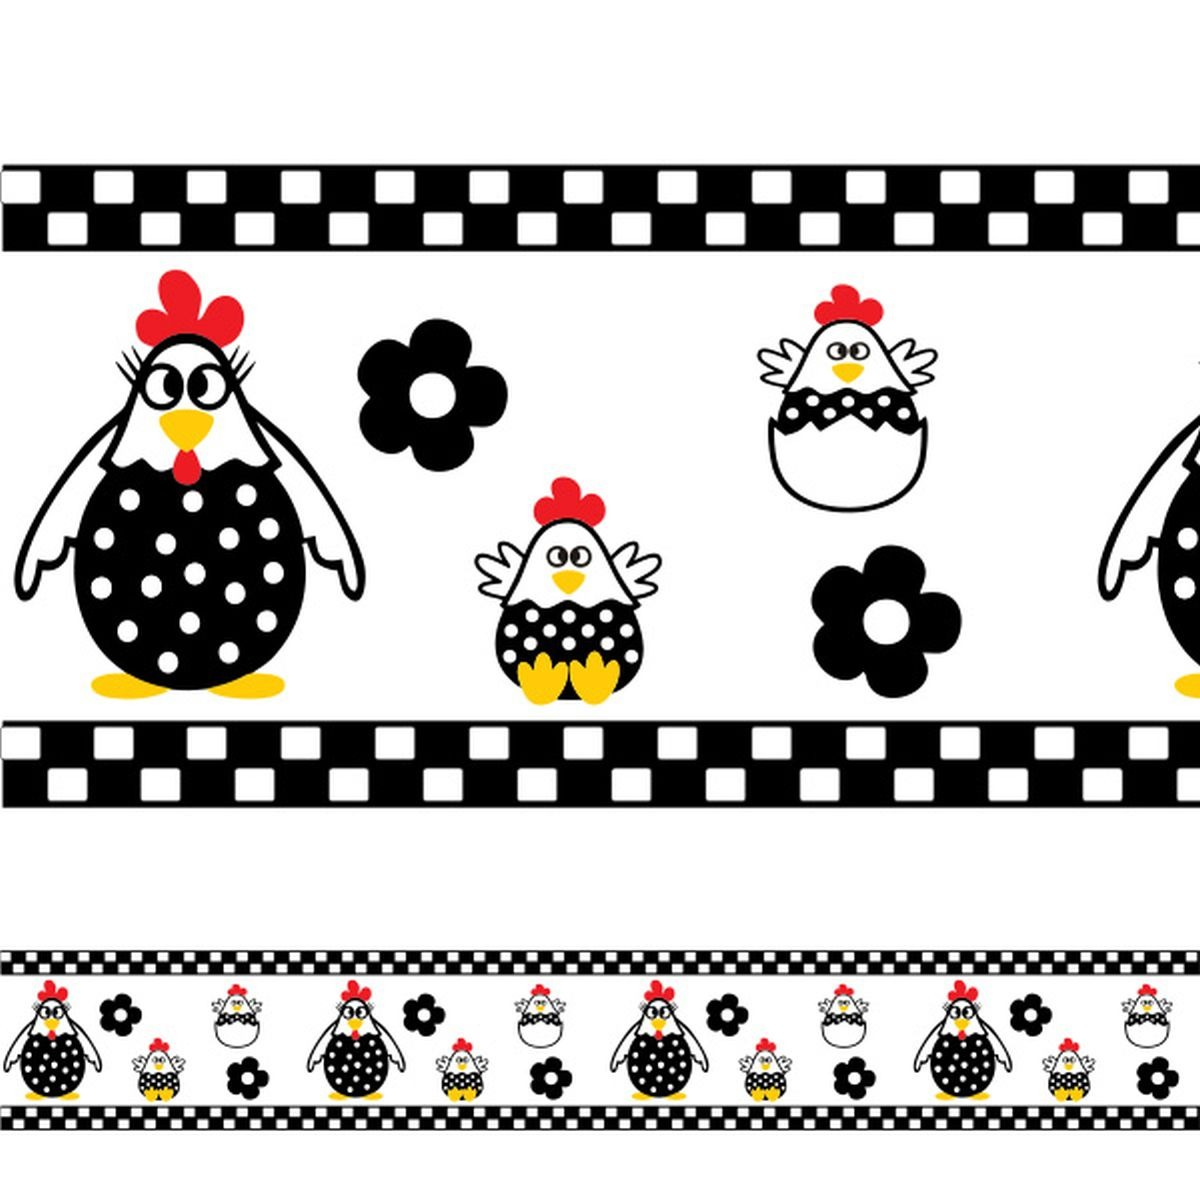 8a071b437 adesivo de parede faixa para cozinha galinha com filhotes. Carregando zoom.